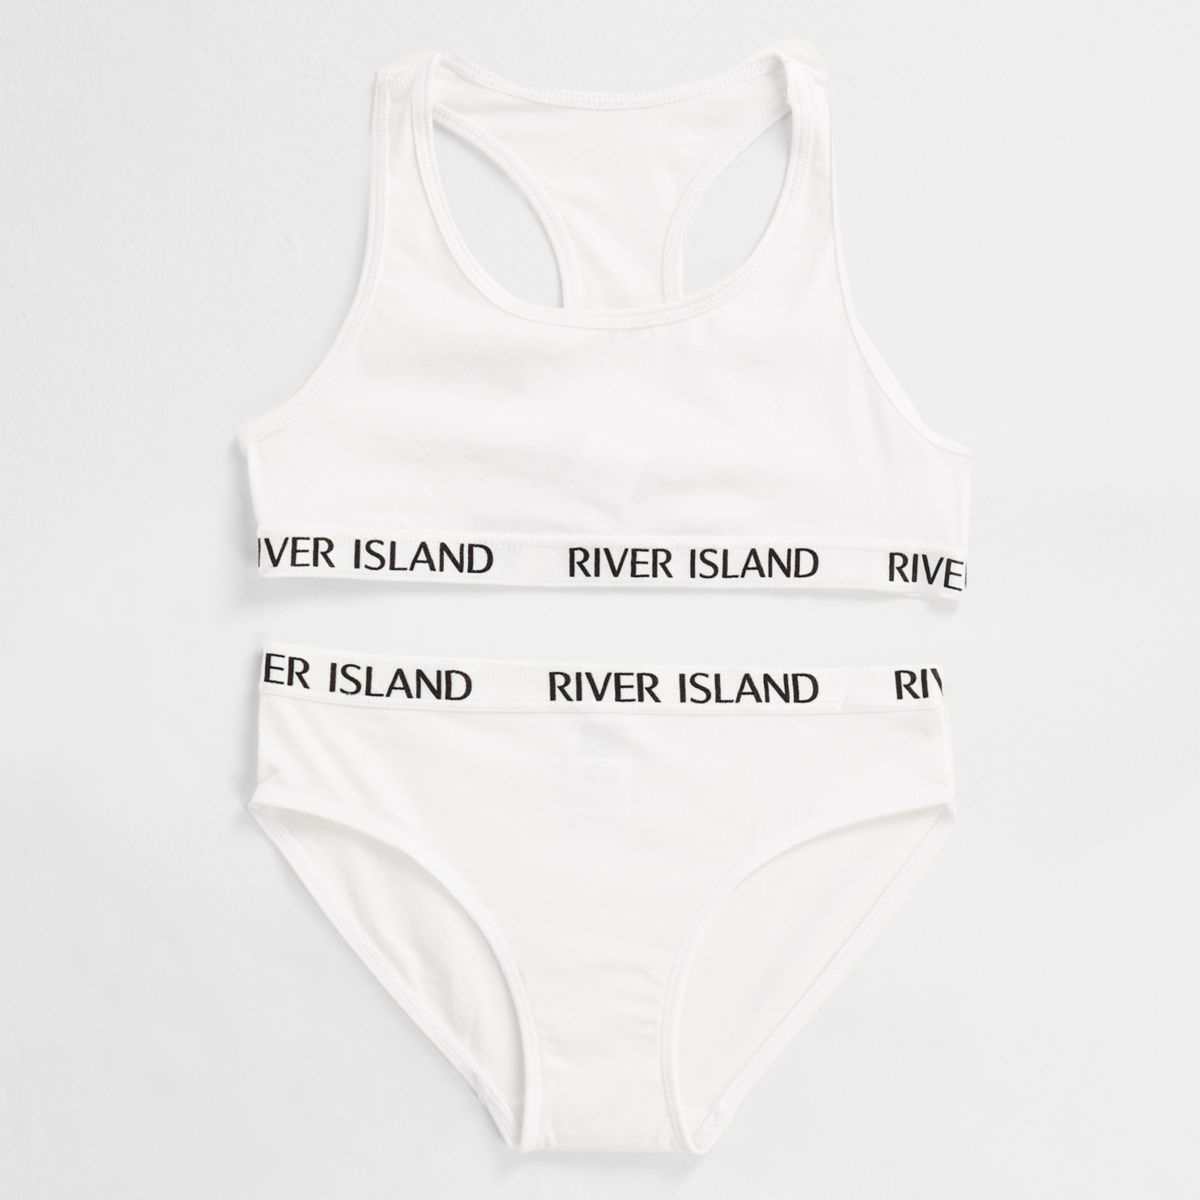 Weißes Unterwäsche-Set mit Crop Top und RI-Schriftzug